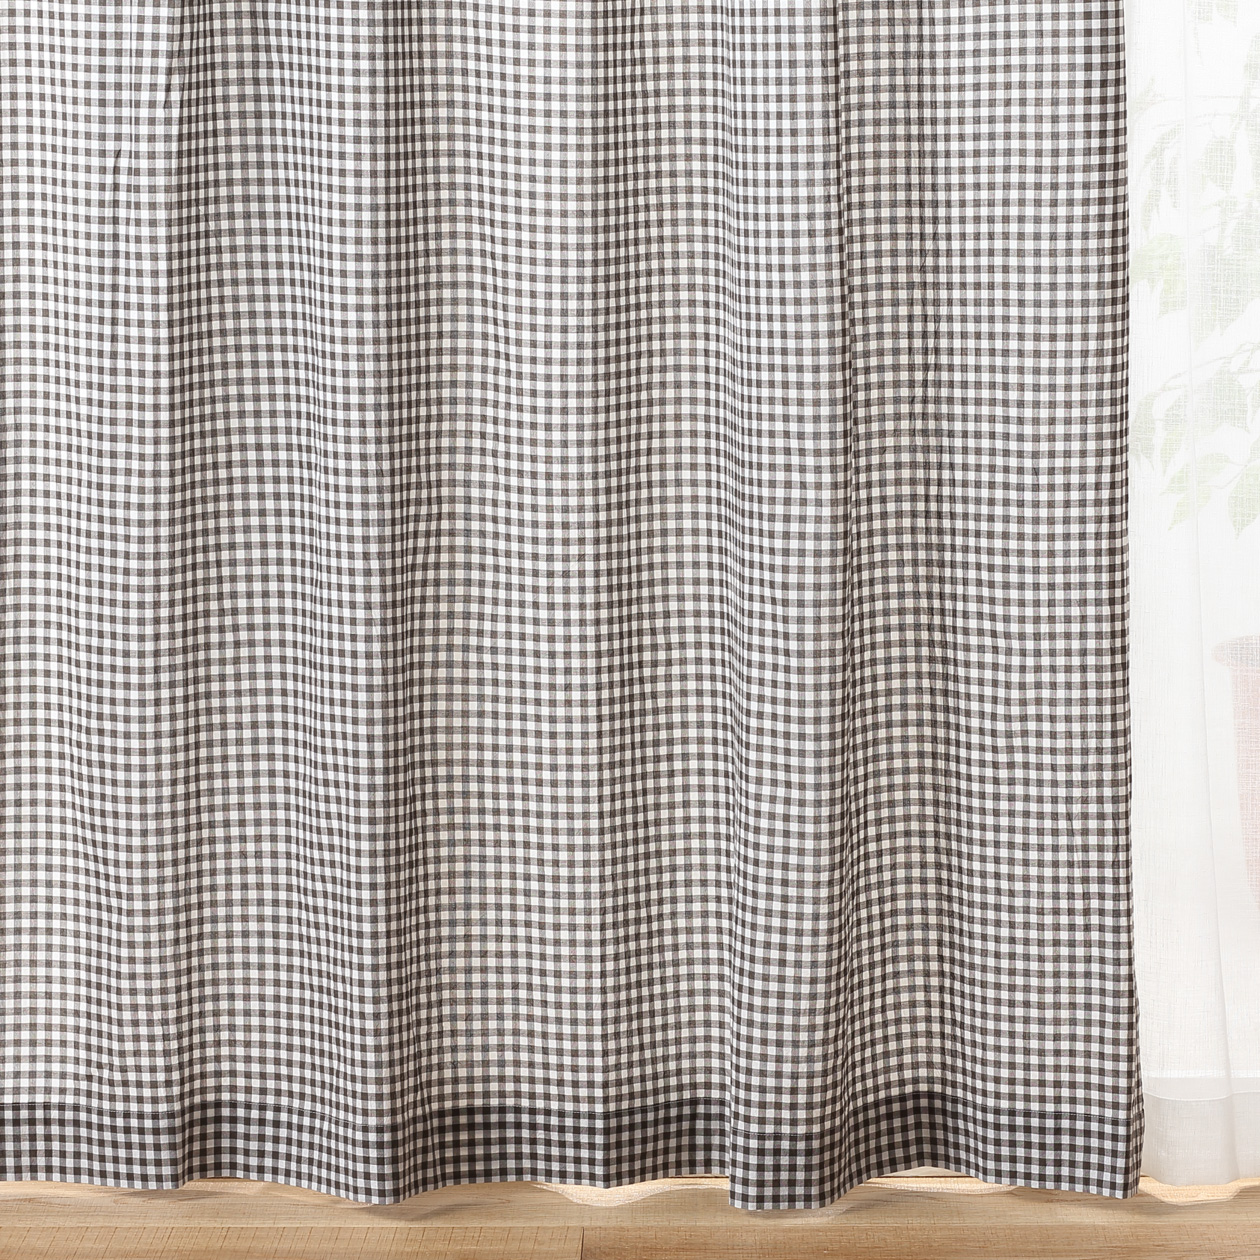 オーガニックコットン洗いざらしプリーツカーテン/ブラウンチェック